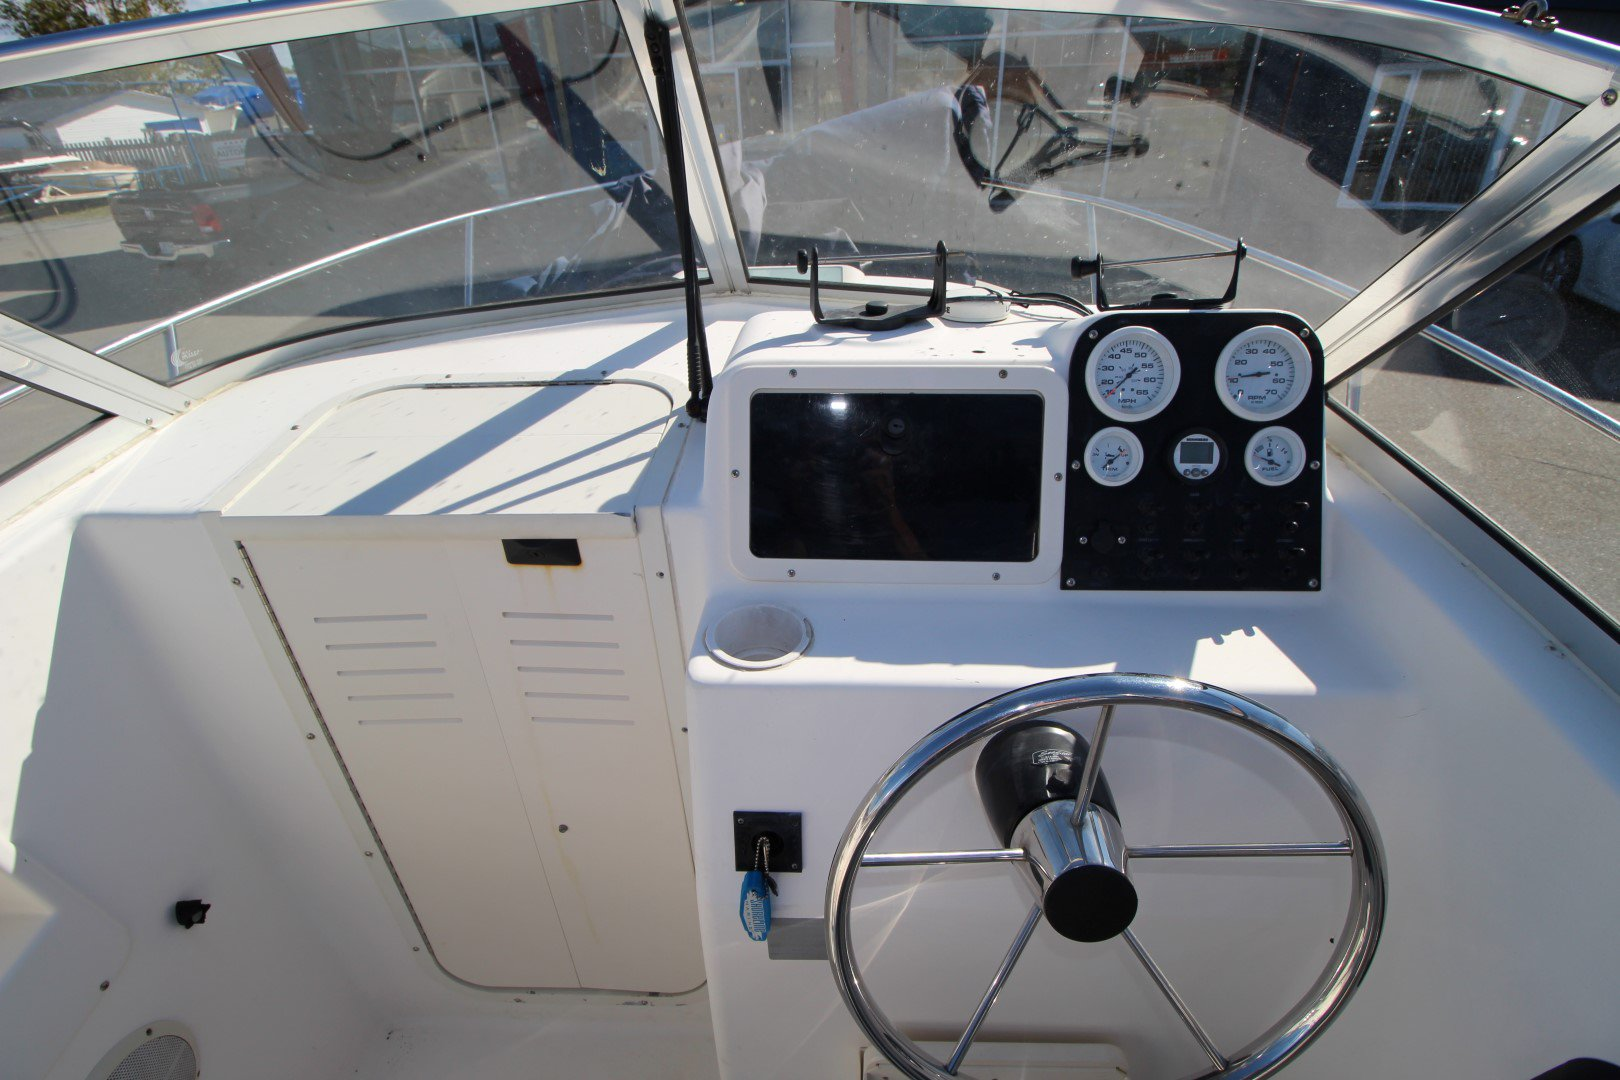 Sea Hunt Victory 215 - IMG_0893